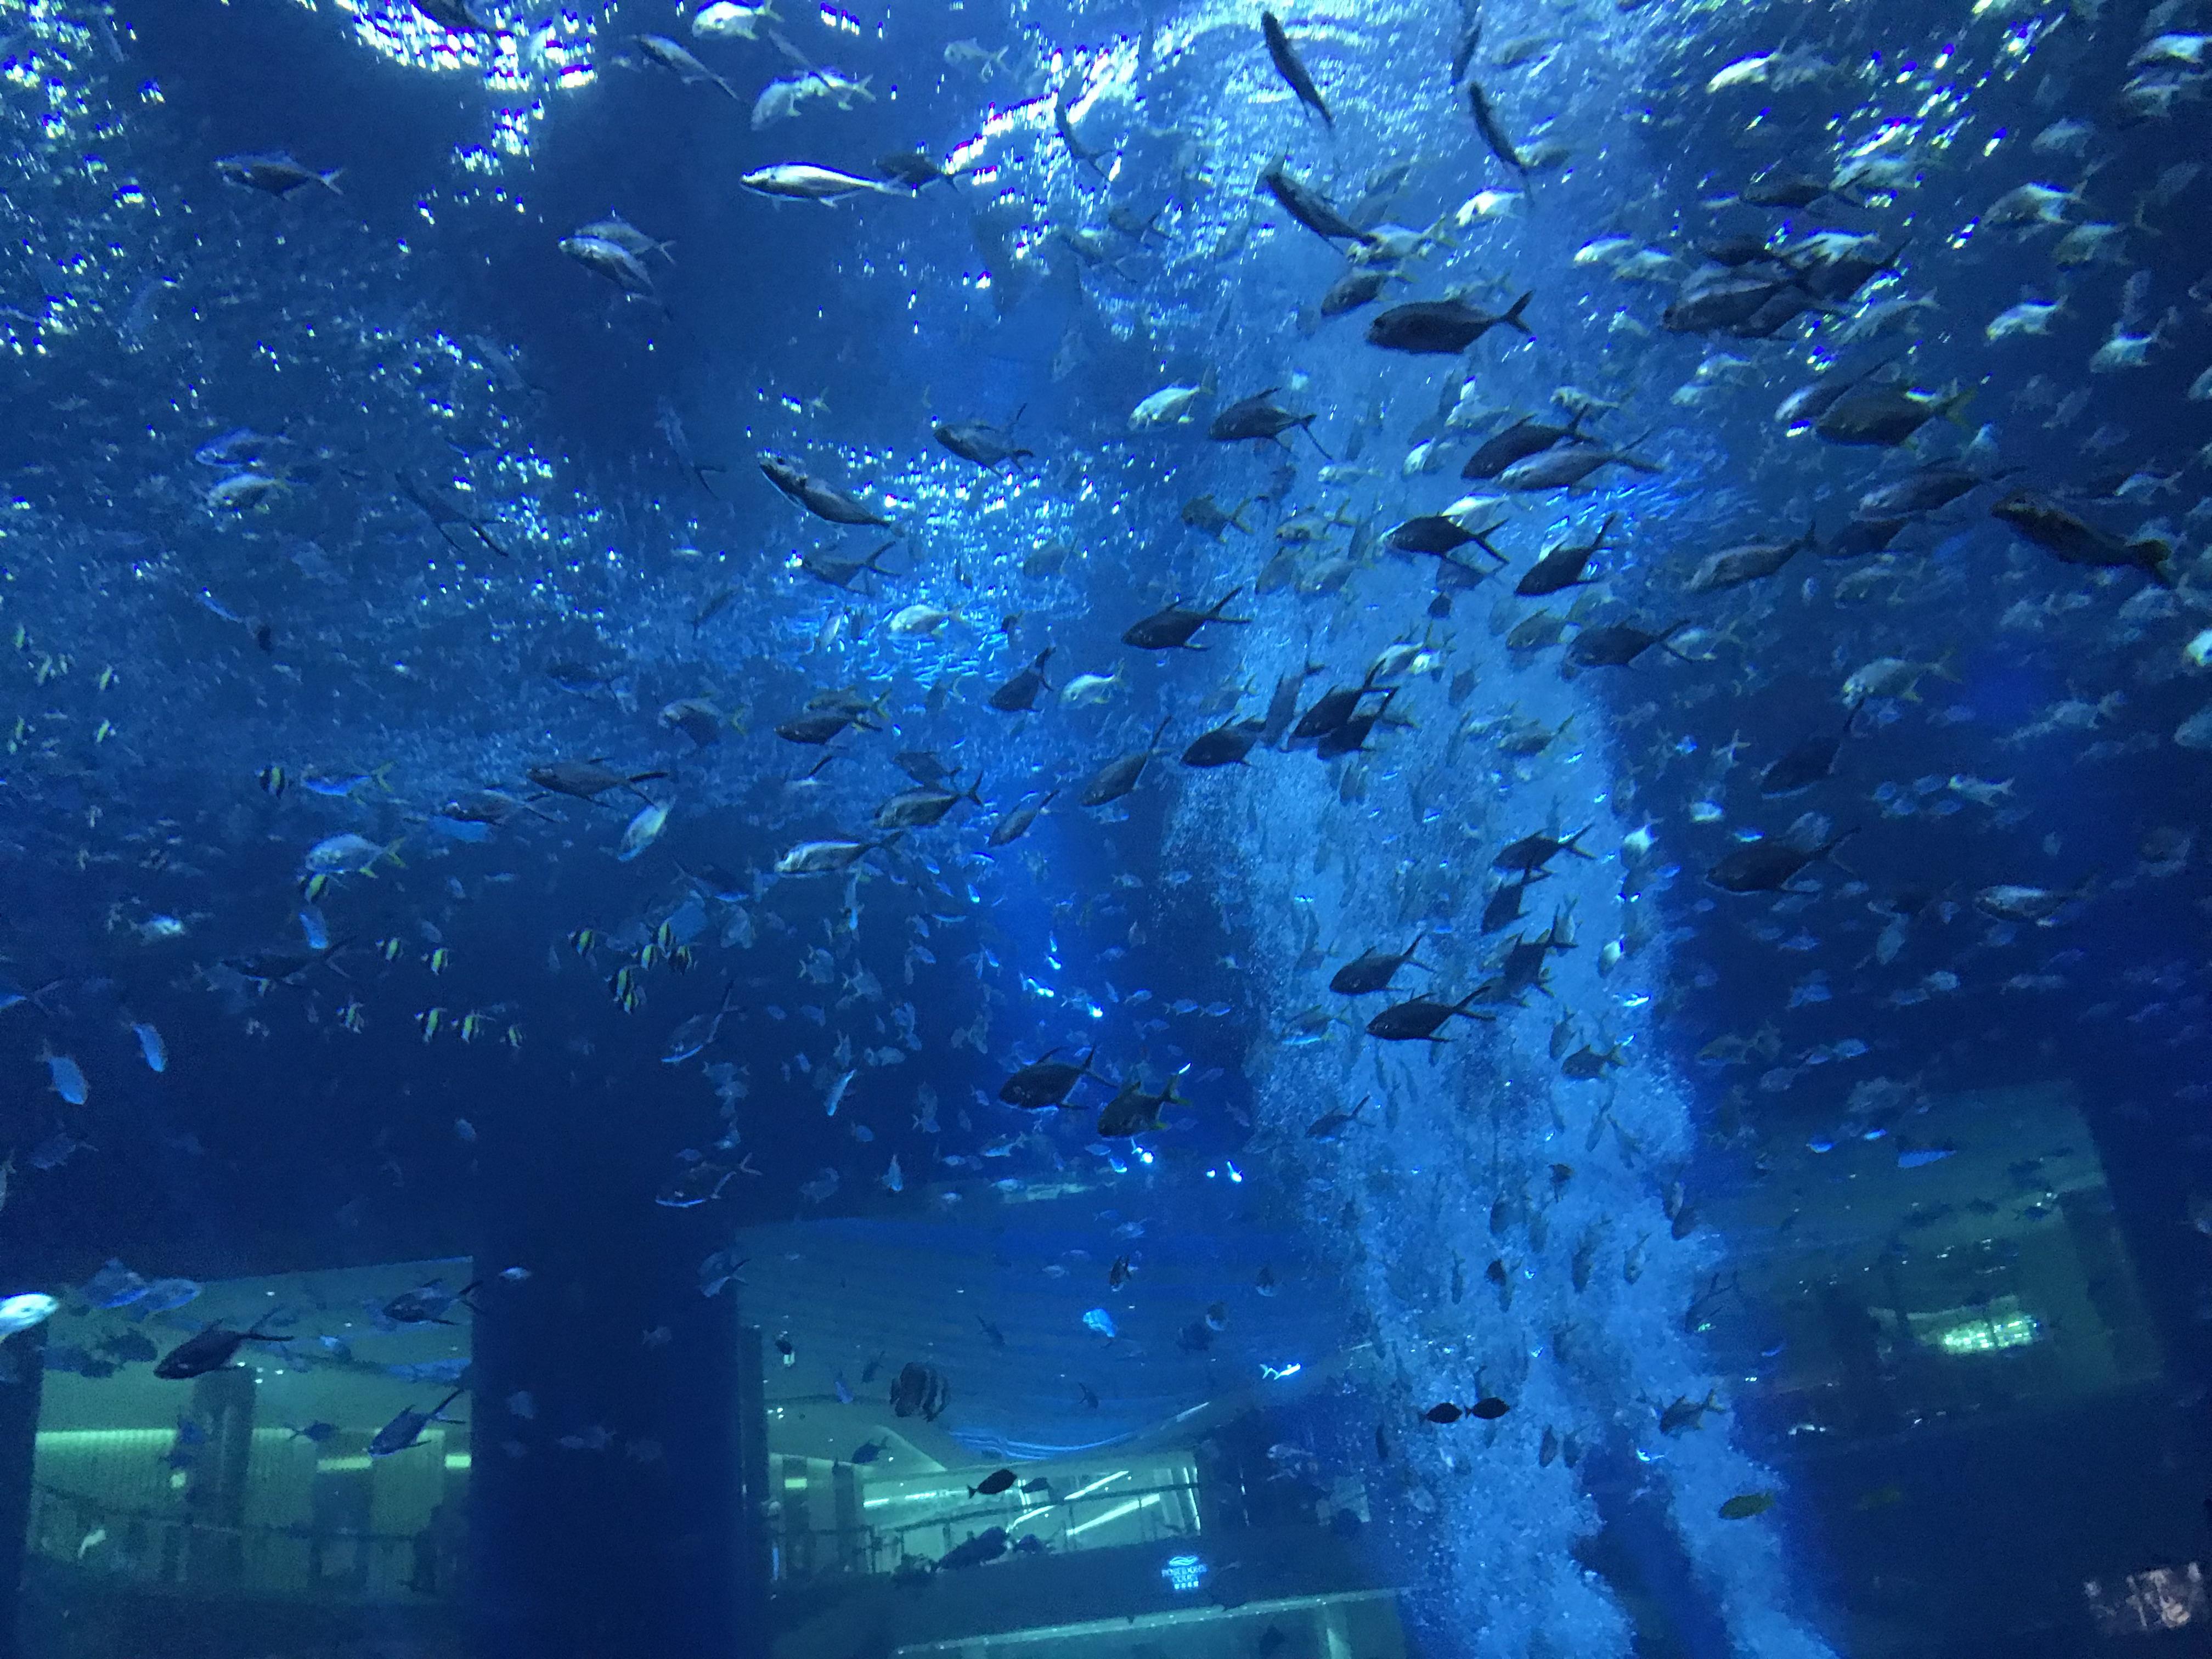 三亚海棠湾亚特兰蒂斯体验,水世界很精彩~~~